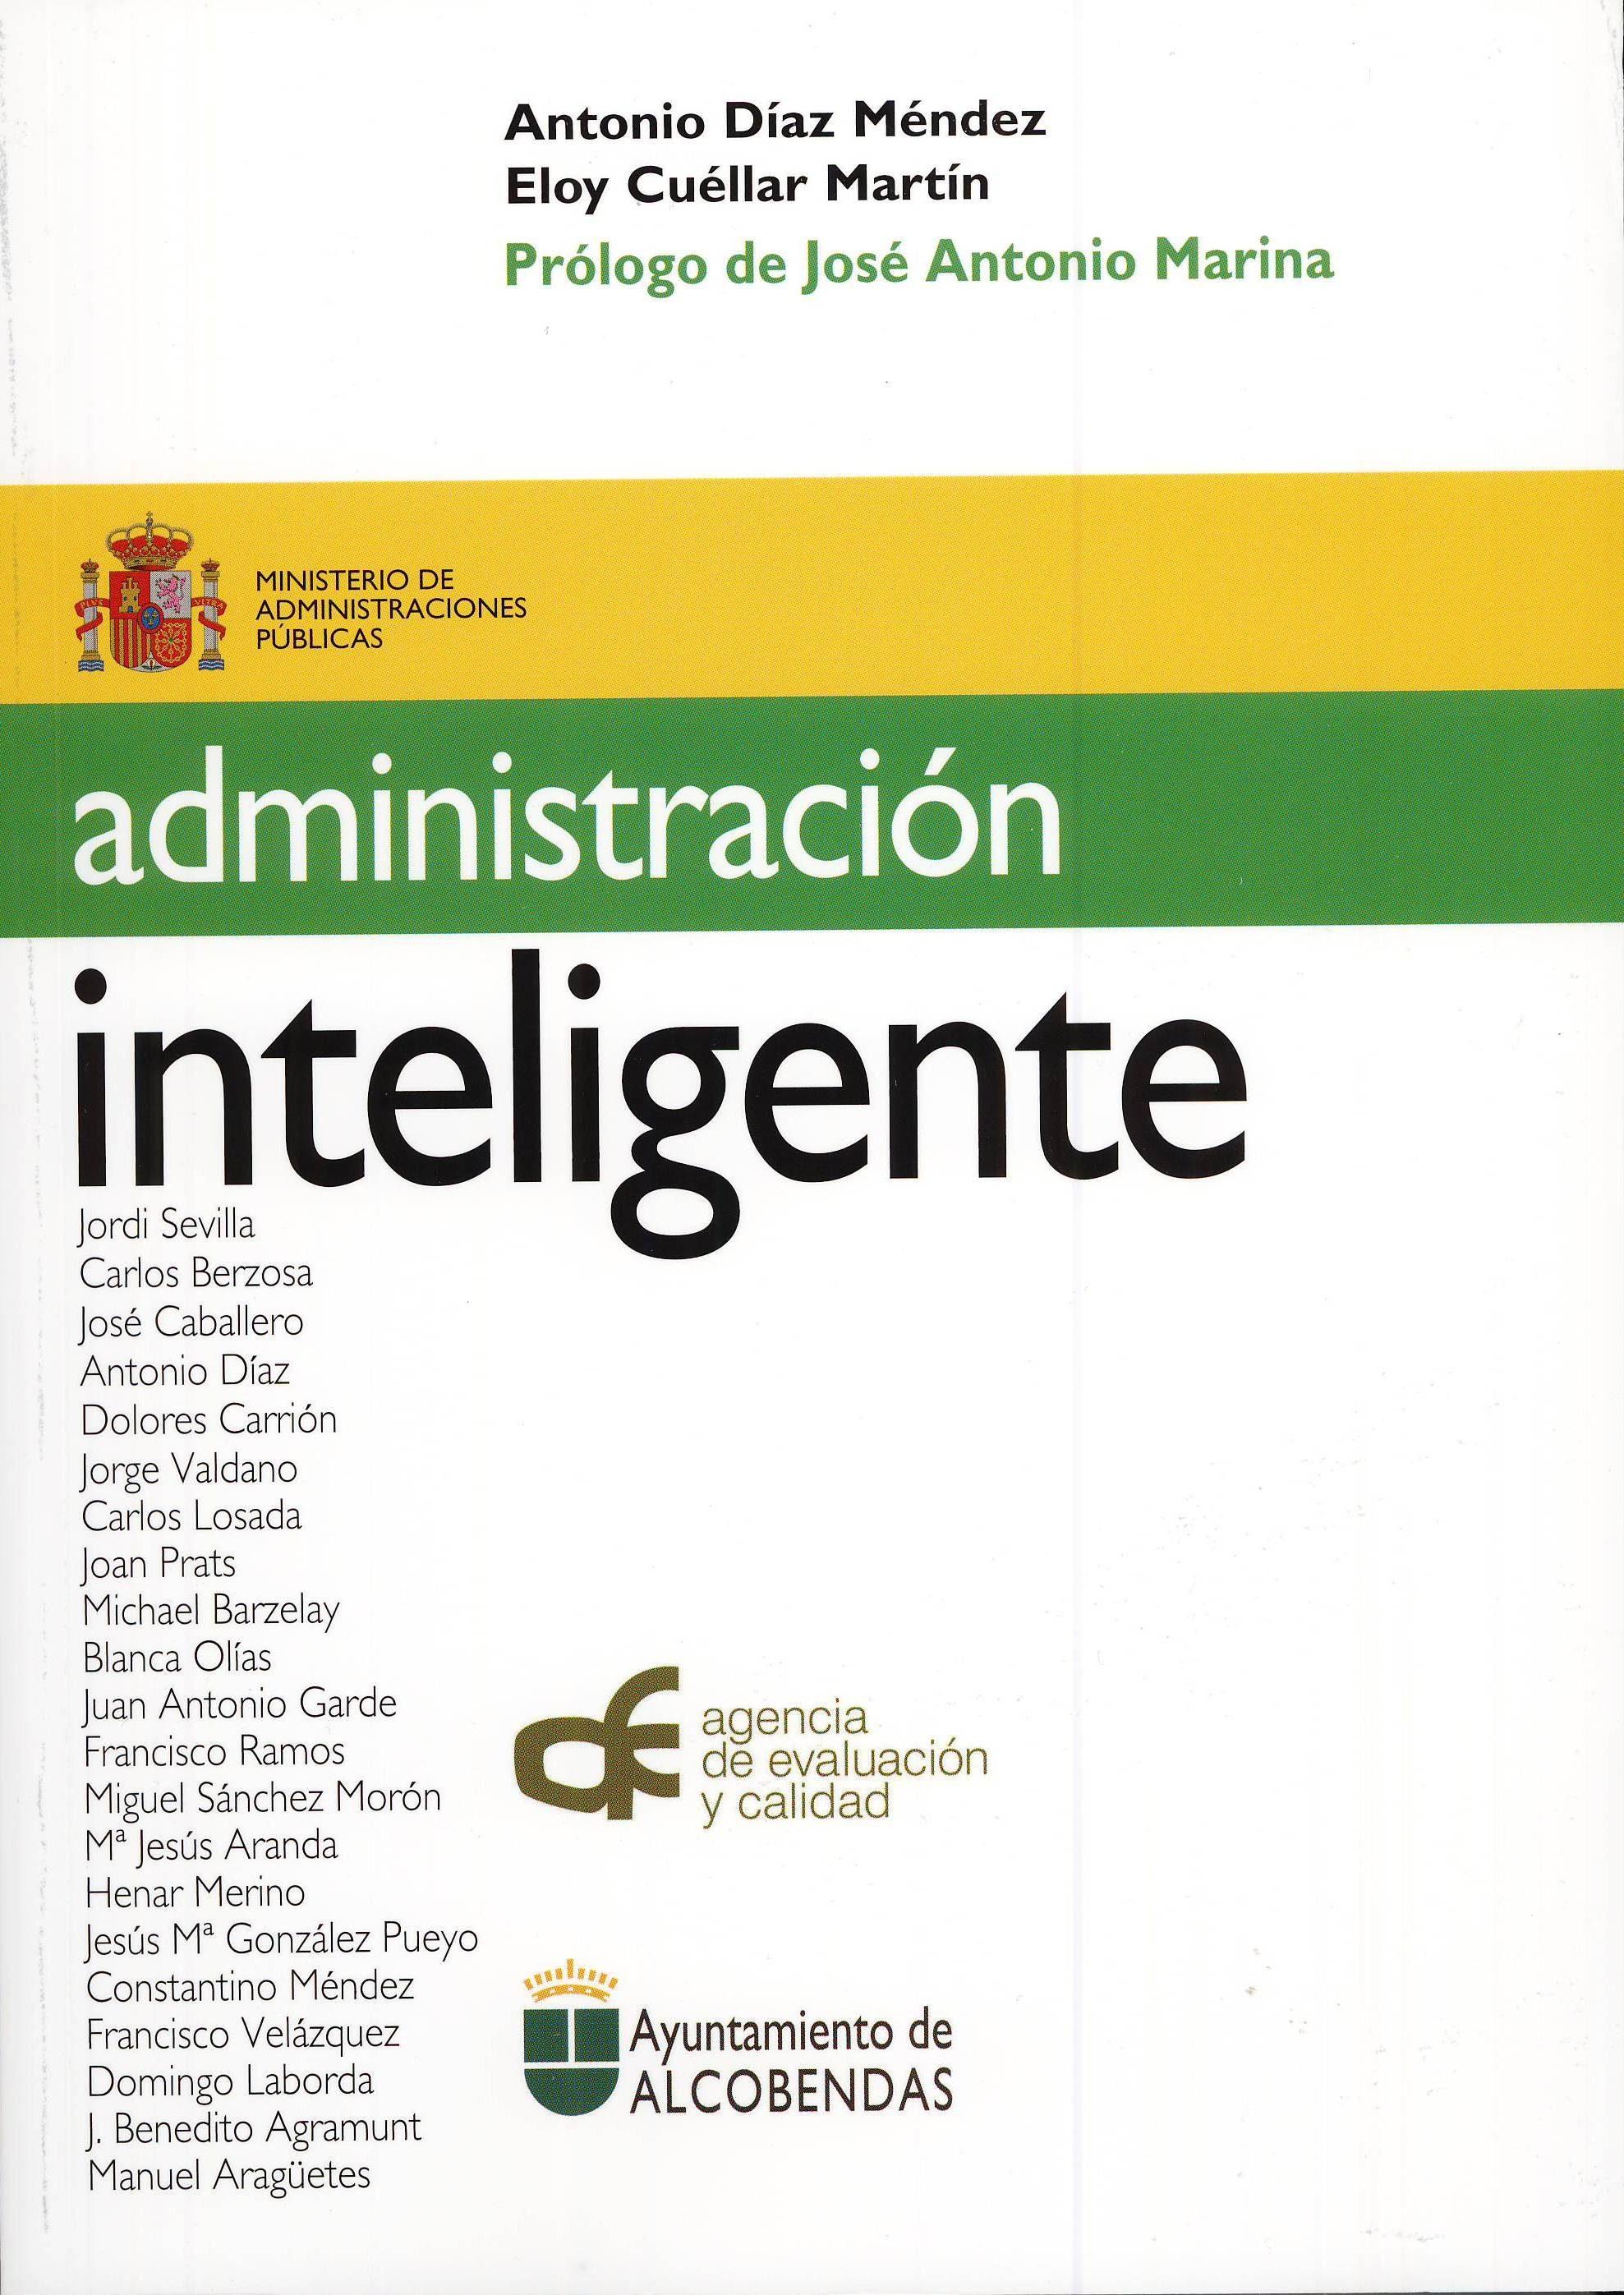 Administracion Inteligente (prologo De Jose Antonio Marina) por Antonio Diaz Mendez;                                                                                    Eloy Cuellar Martin epub